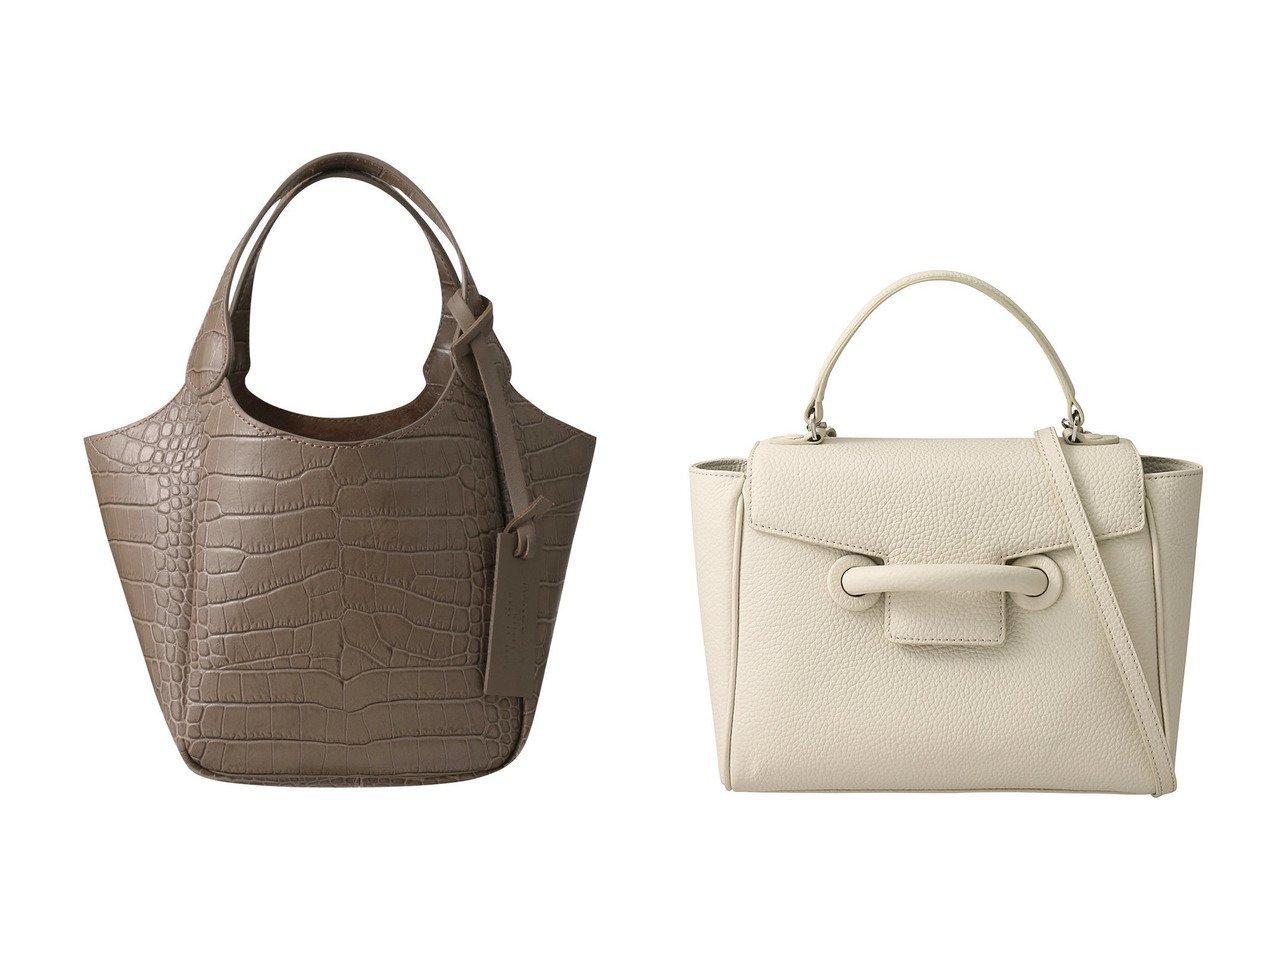 【VASIC/ヴァジック】のEver Mini 2wayハンドバッグ&【MARCO MASI/マルコマージ】のクロコ型押しミニトートバッグ バッグのおすすめ!人気、レディースファッションの通販  おすすめで人気のファッション通販商品 インテリア・家具・キッズファッション・メンズファッション・レディースファッション・服の通販 founy(ファニー) https://founy.com/ ファッション Fashion レディース WOMEN バッグ Bag クロコ ハンドバッグ フォルム 春 |ID:crp329100000000407